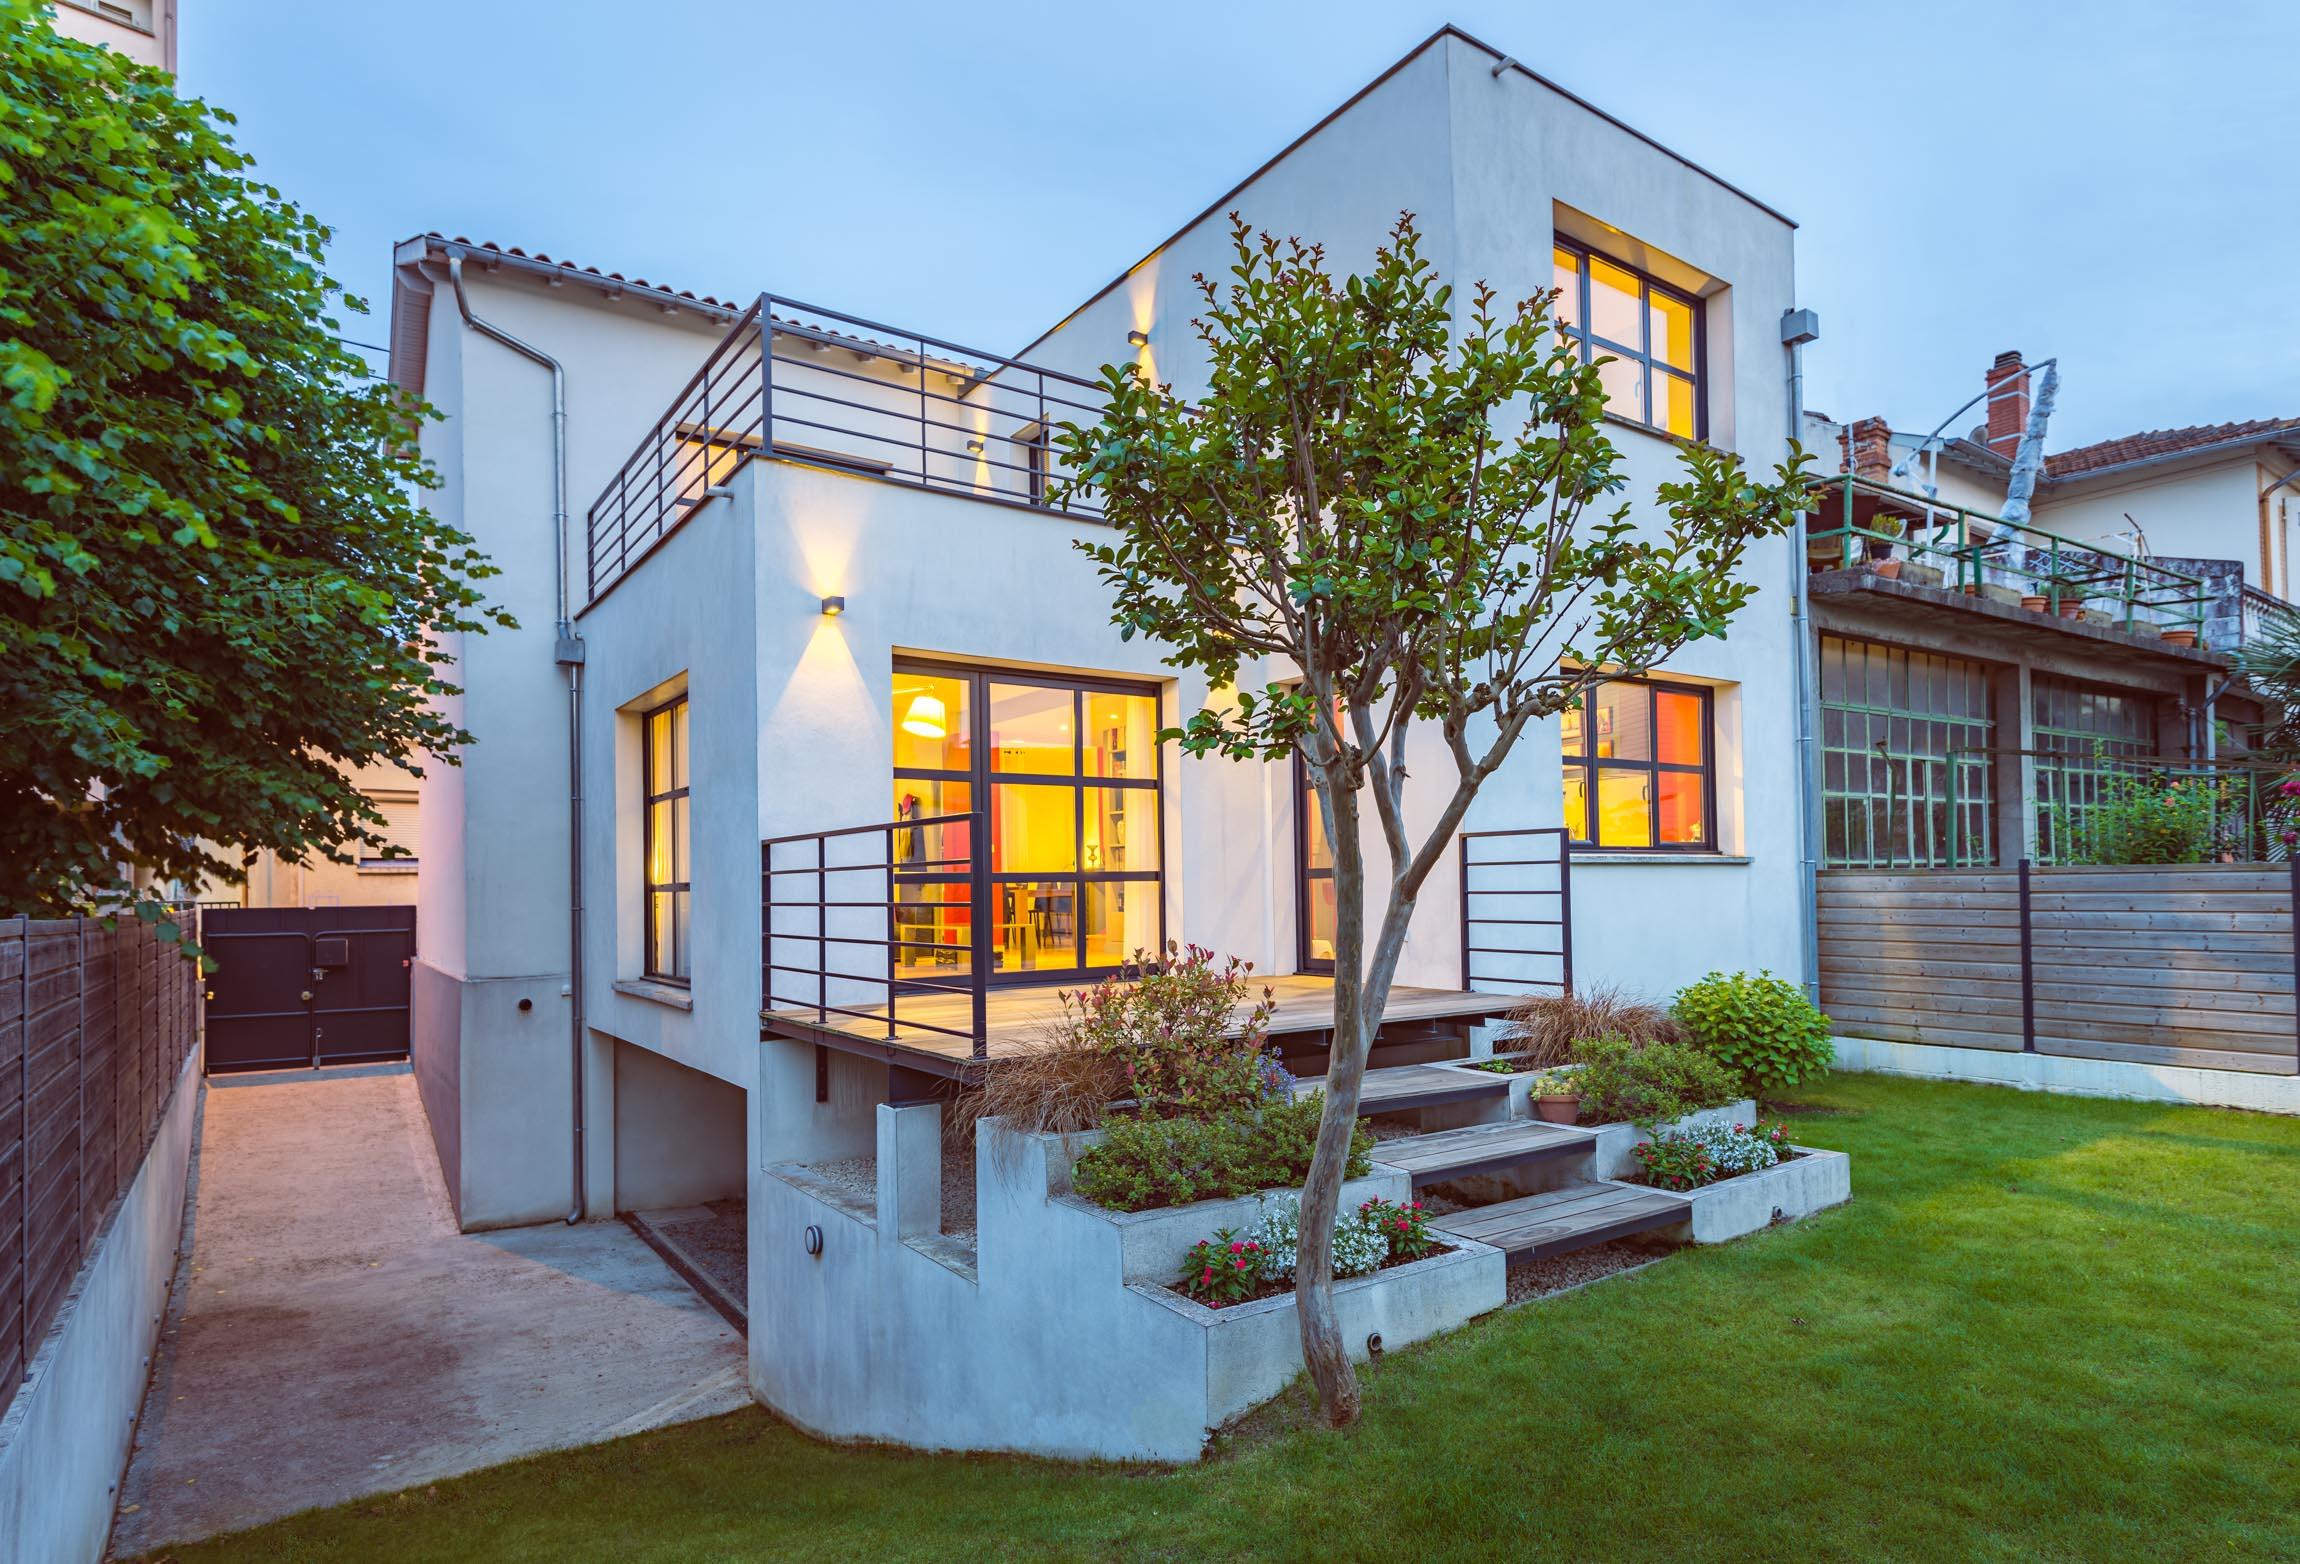 gael angaud architecte dplg toulouse bordeaux bureau d 39 architecture modeste bam. Black Bedroom Furniture Sets. Home Design Ideas